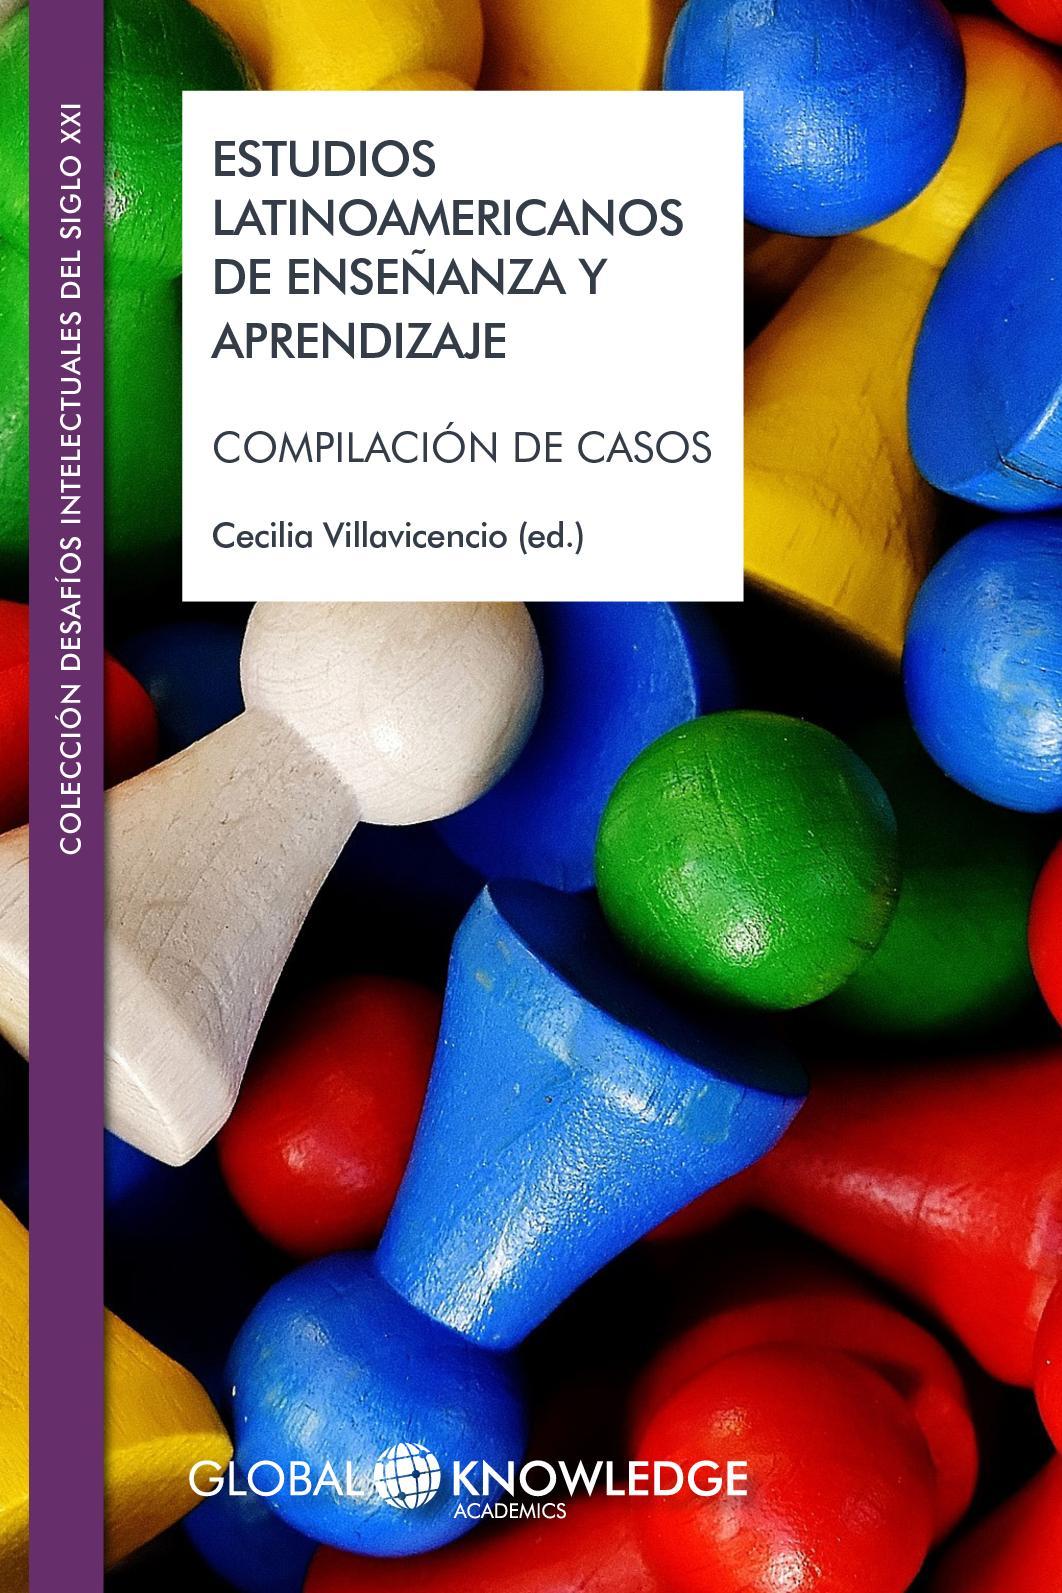 Calaméo - Estudios latinoamericanos de Enseñanza y Aprendizaje. Compilación  de casos.